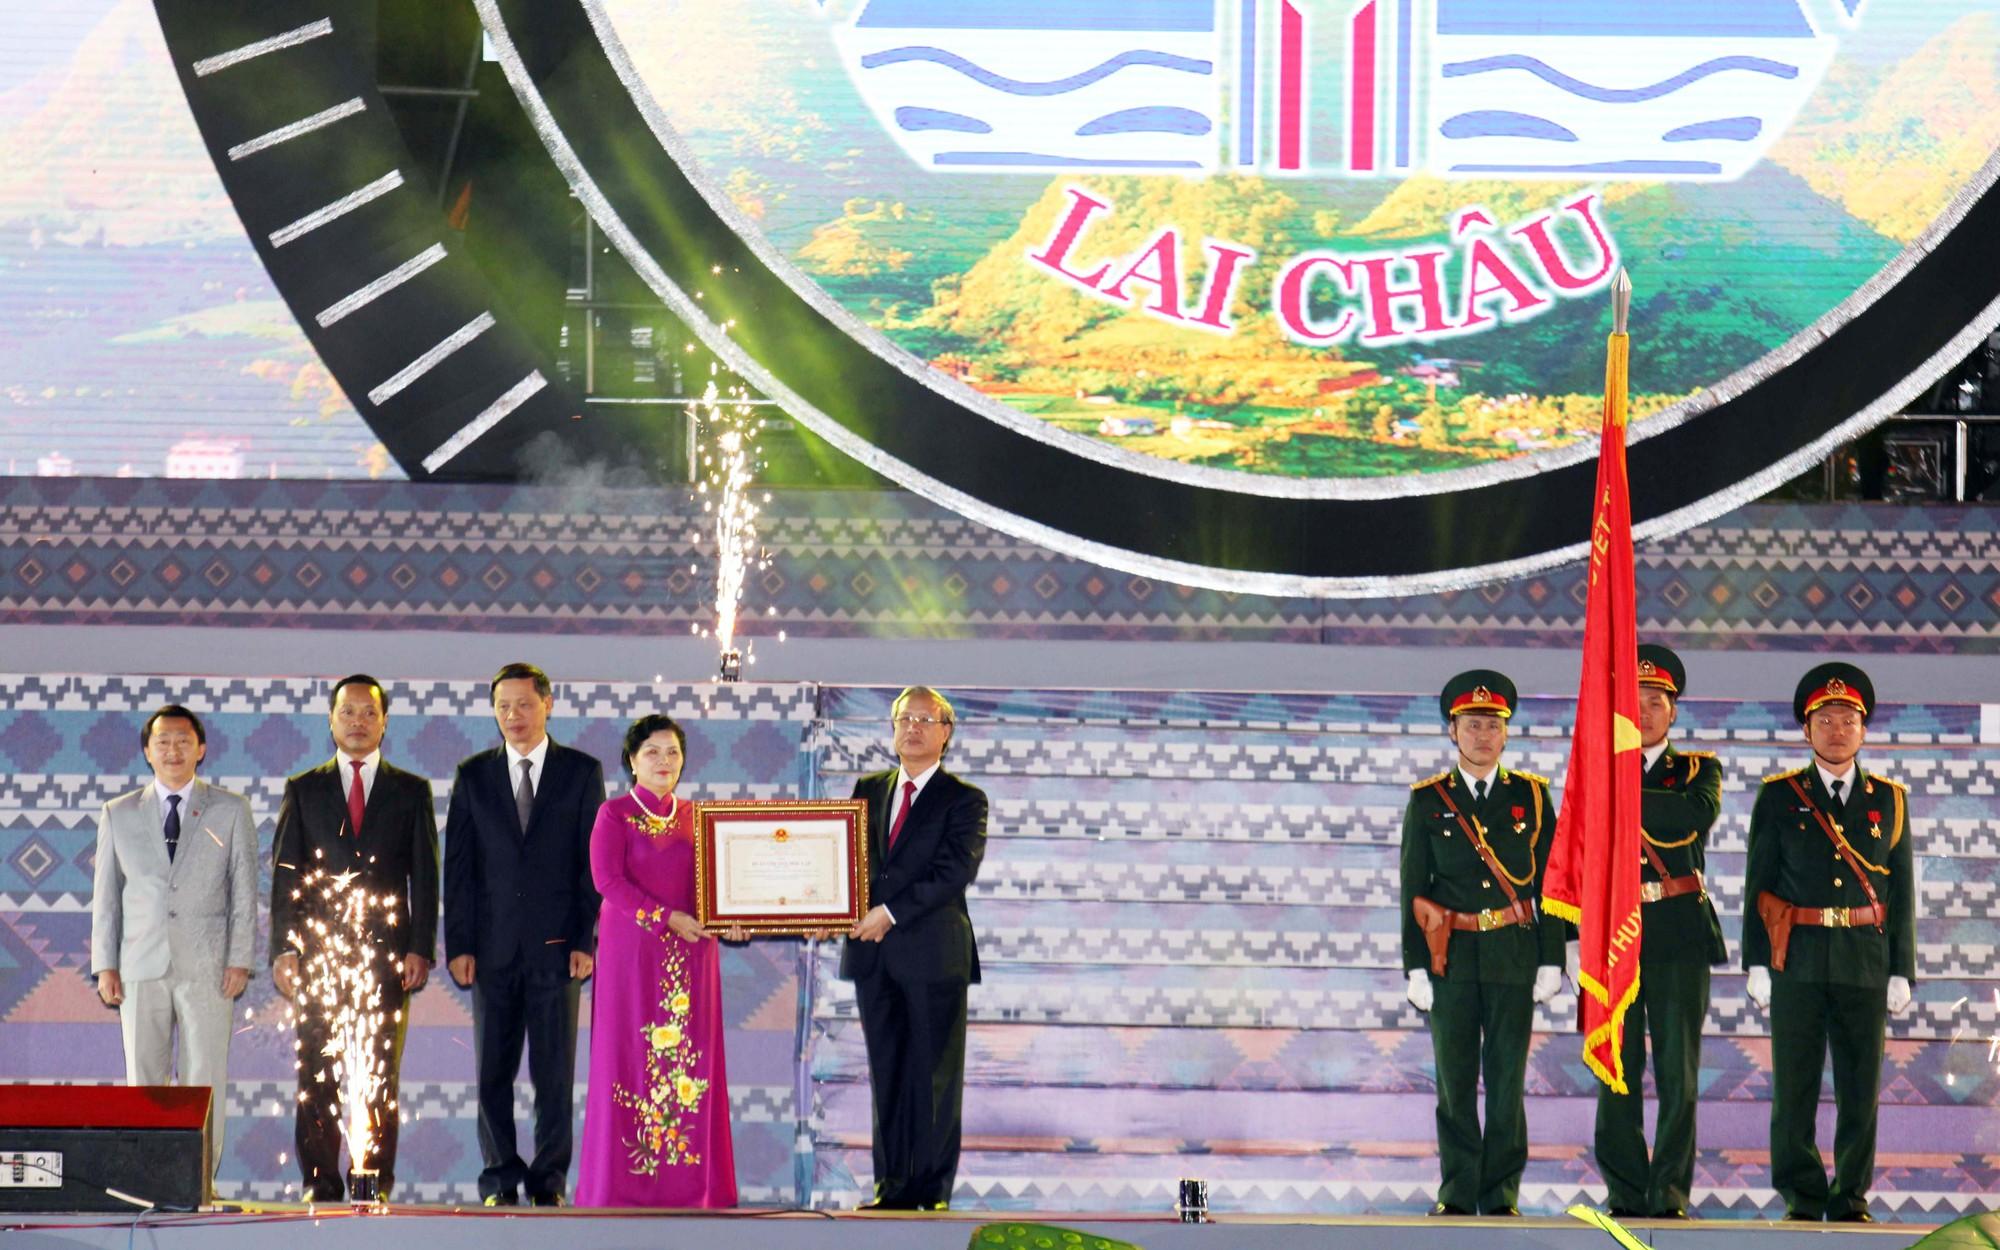 Thường trực Ban Bí thư dự lễ kỷ niệm 110 năm thành lập tỉnh Lai Châu - Ảnh 1.